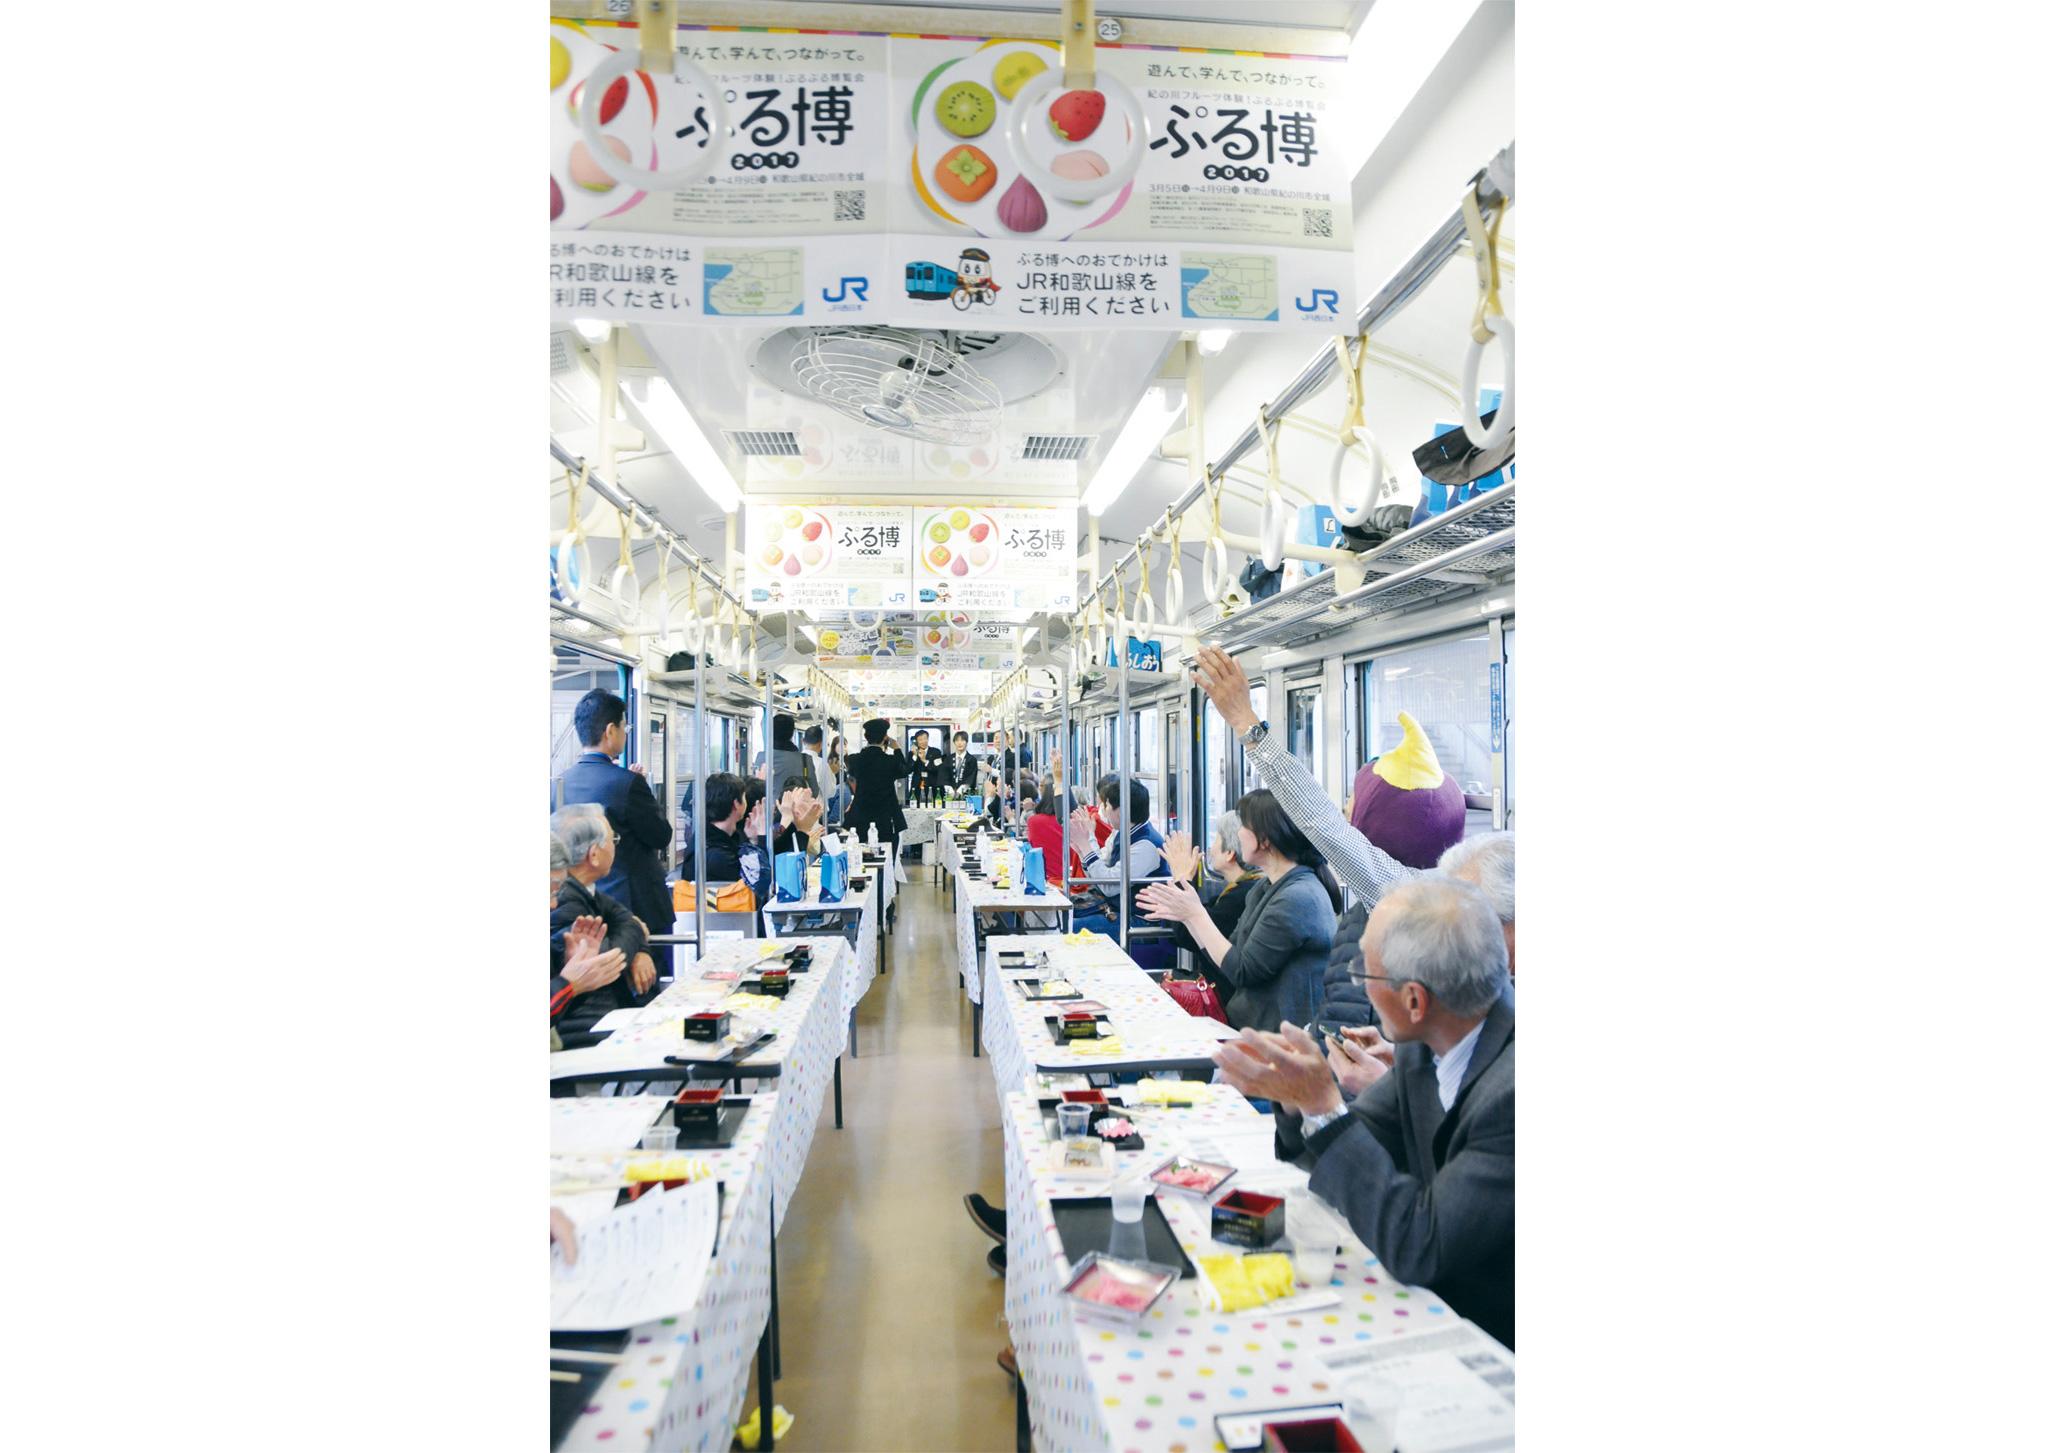 昨年の『ぷる博』のイベント風景。ねこの駅長で世界的にも有名な和歌山電軌も参加する